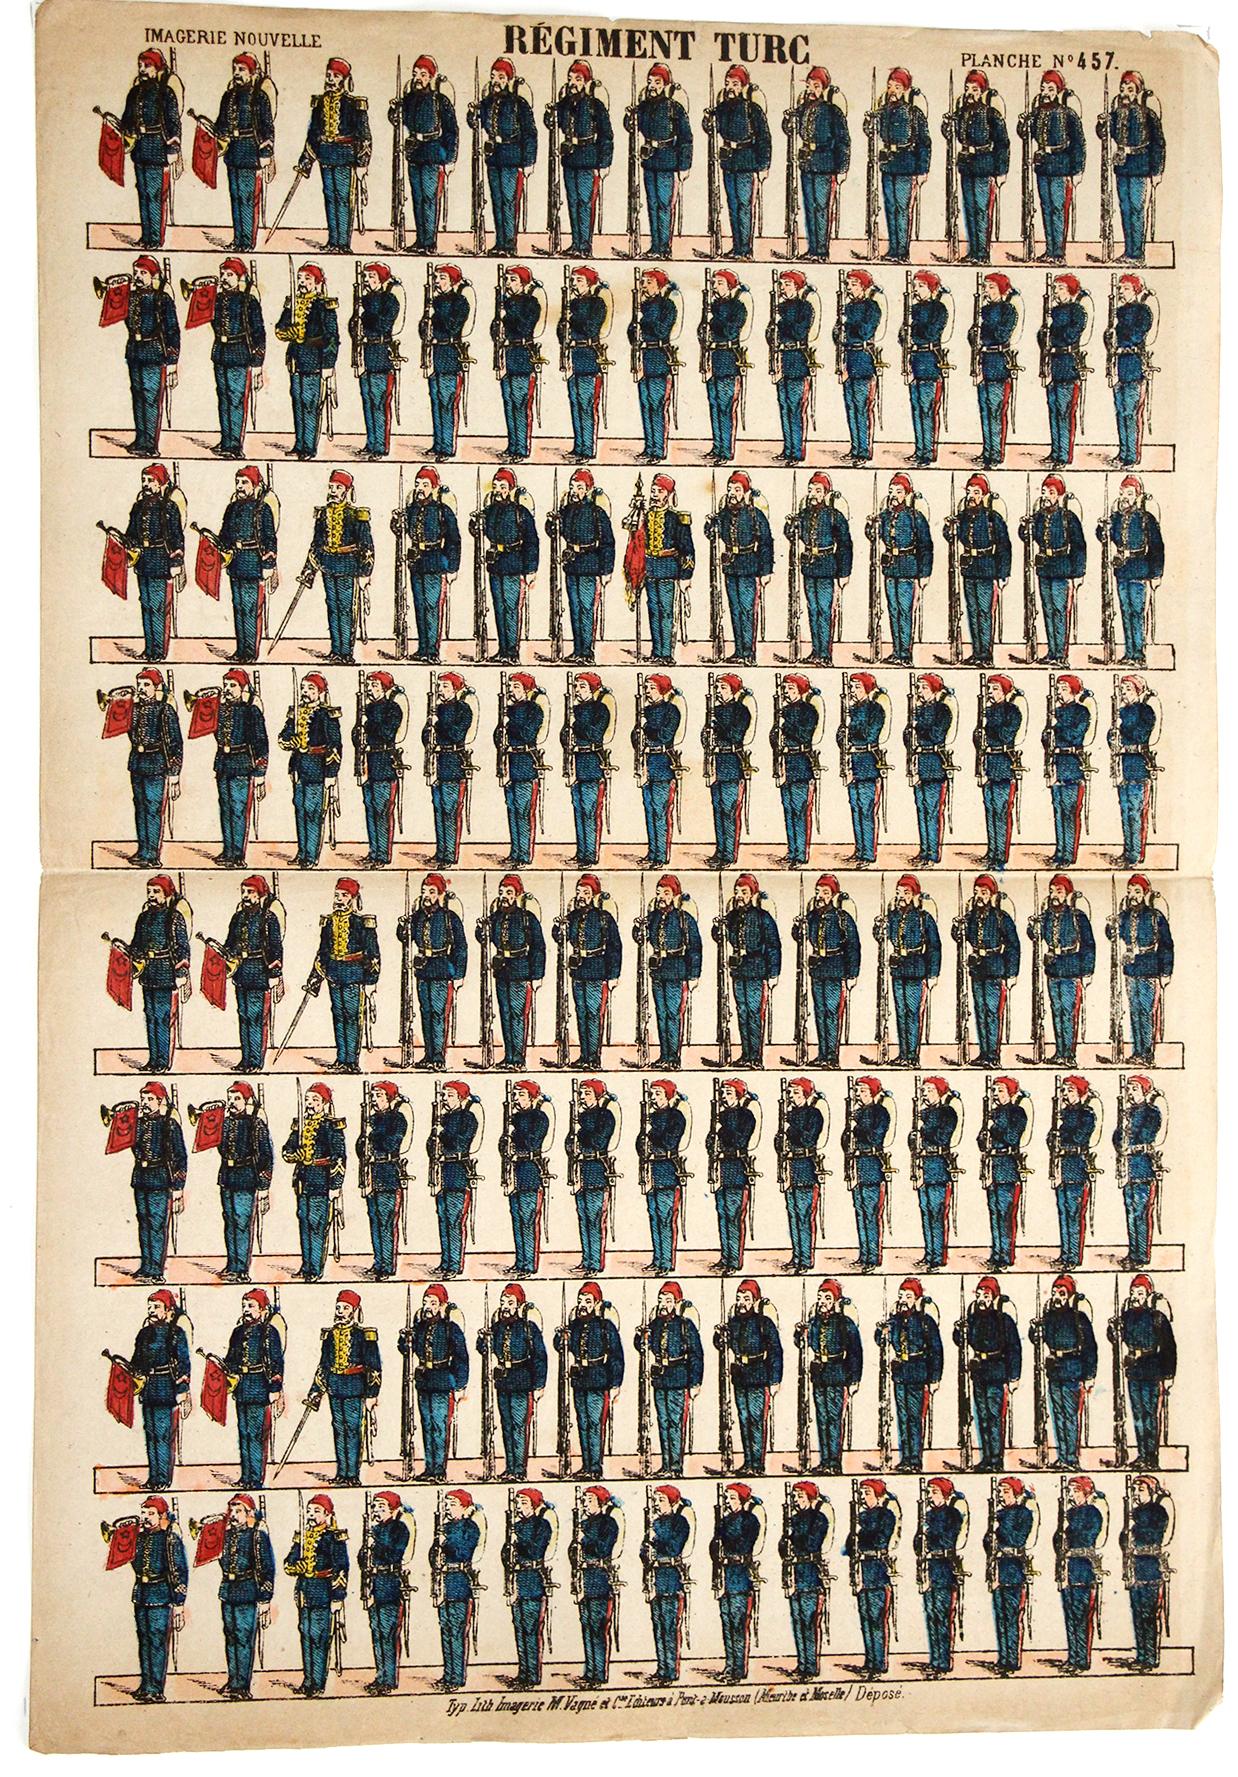 6 Planches Imagerie Epinal - Armée Turque - Divers